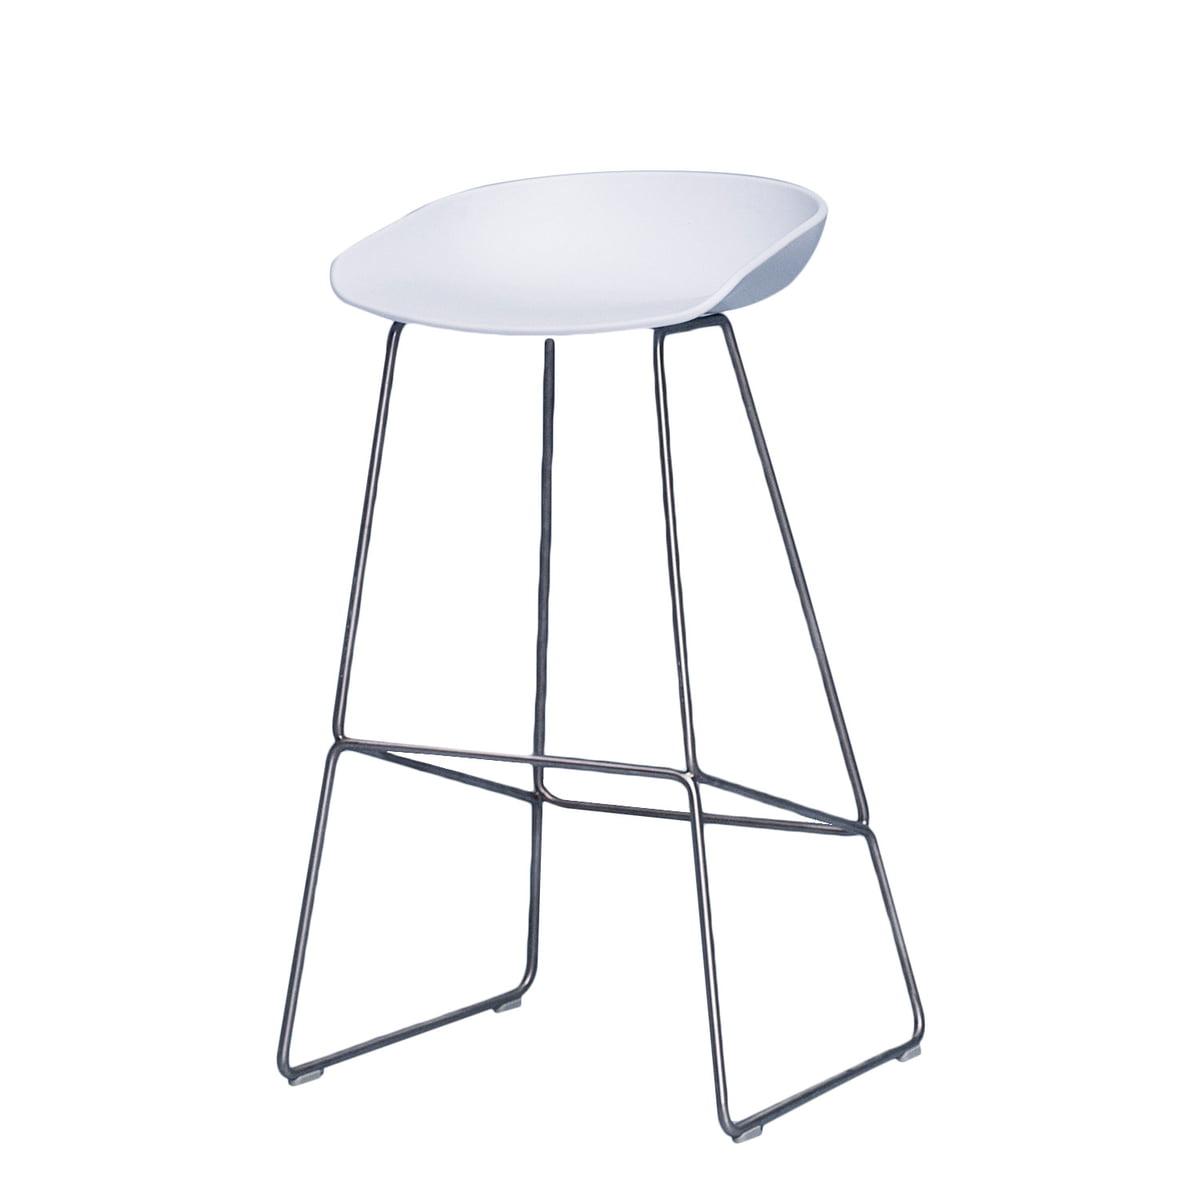 Hay - About A Stool AAS 38 Barhocker H 85, Edelstahl / weiß | Küche und Esszimmer > Bar-Möbel | Weiß | Hay